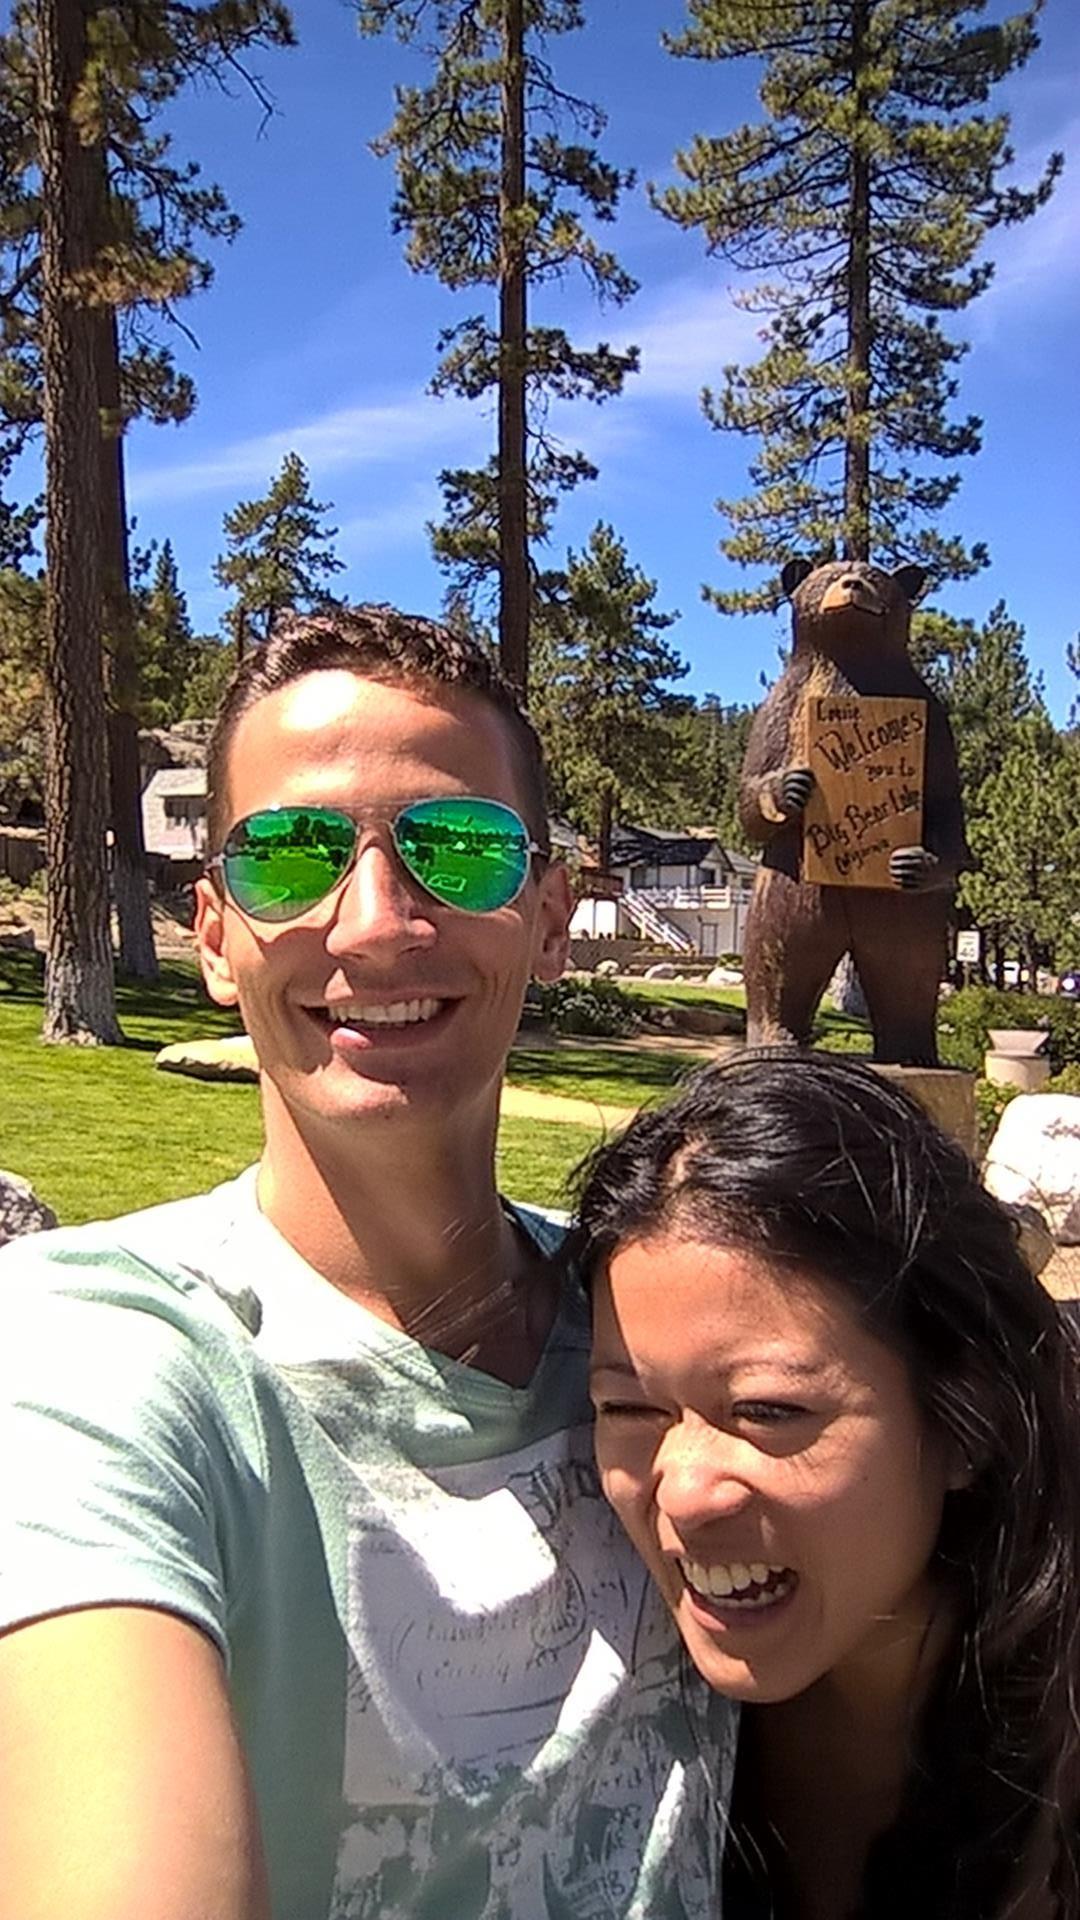 Spaß vor dem großen Teddybär